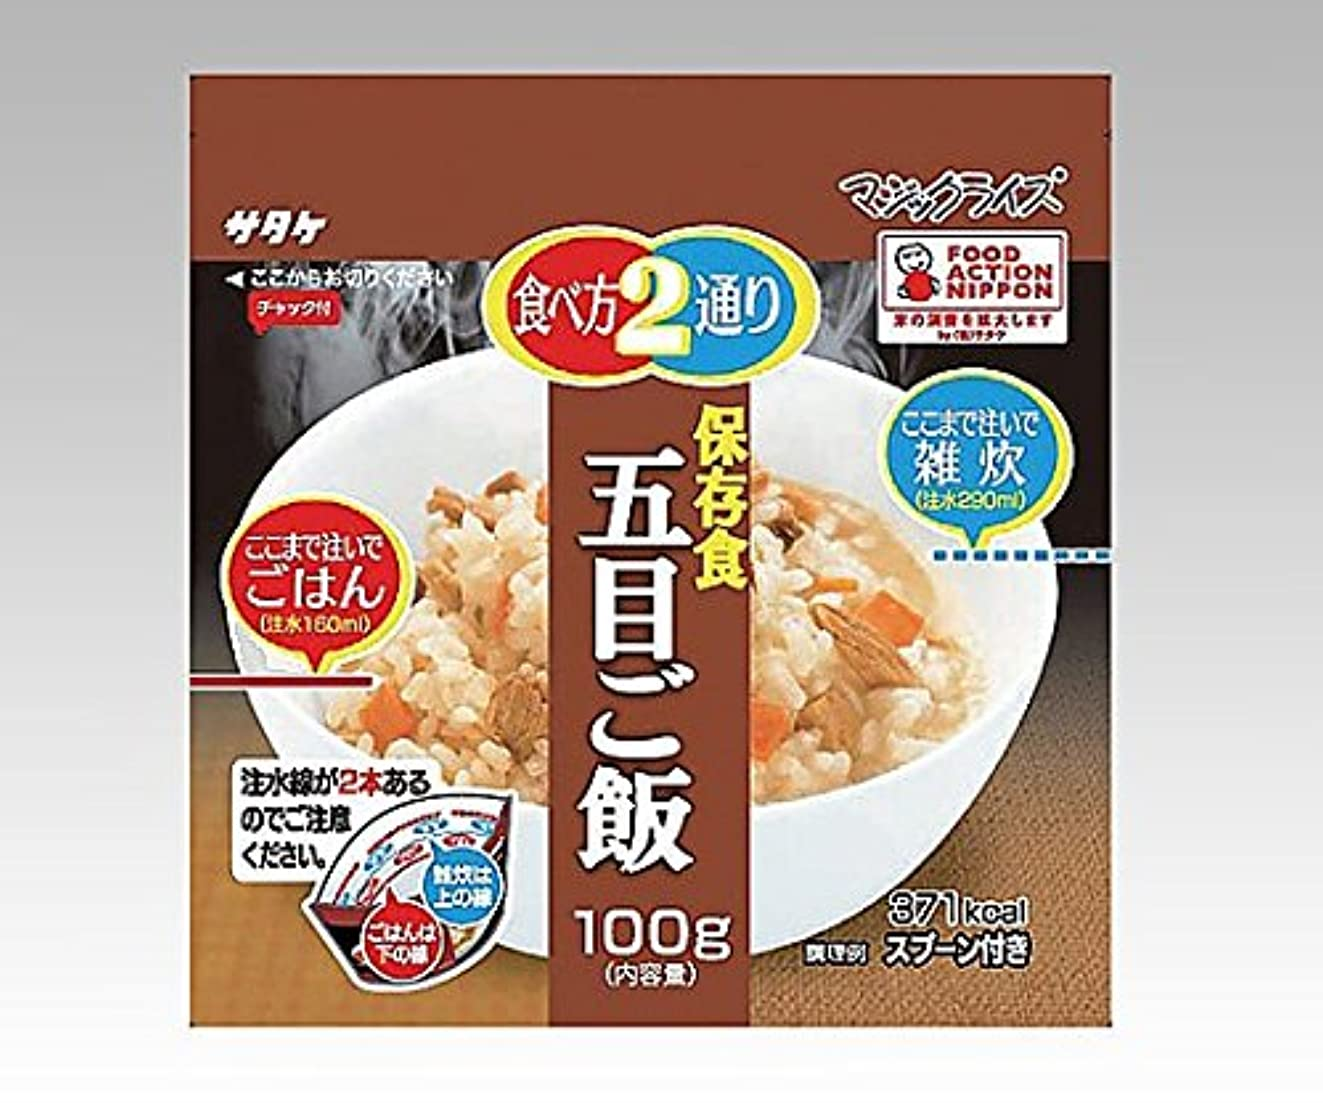 ビバ貸し手シルク8-2802-03非常用食品(五目ご飯/50食分)